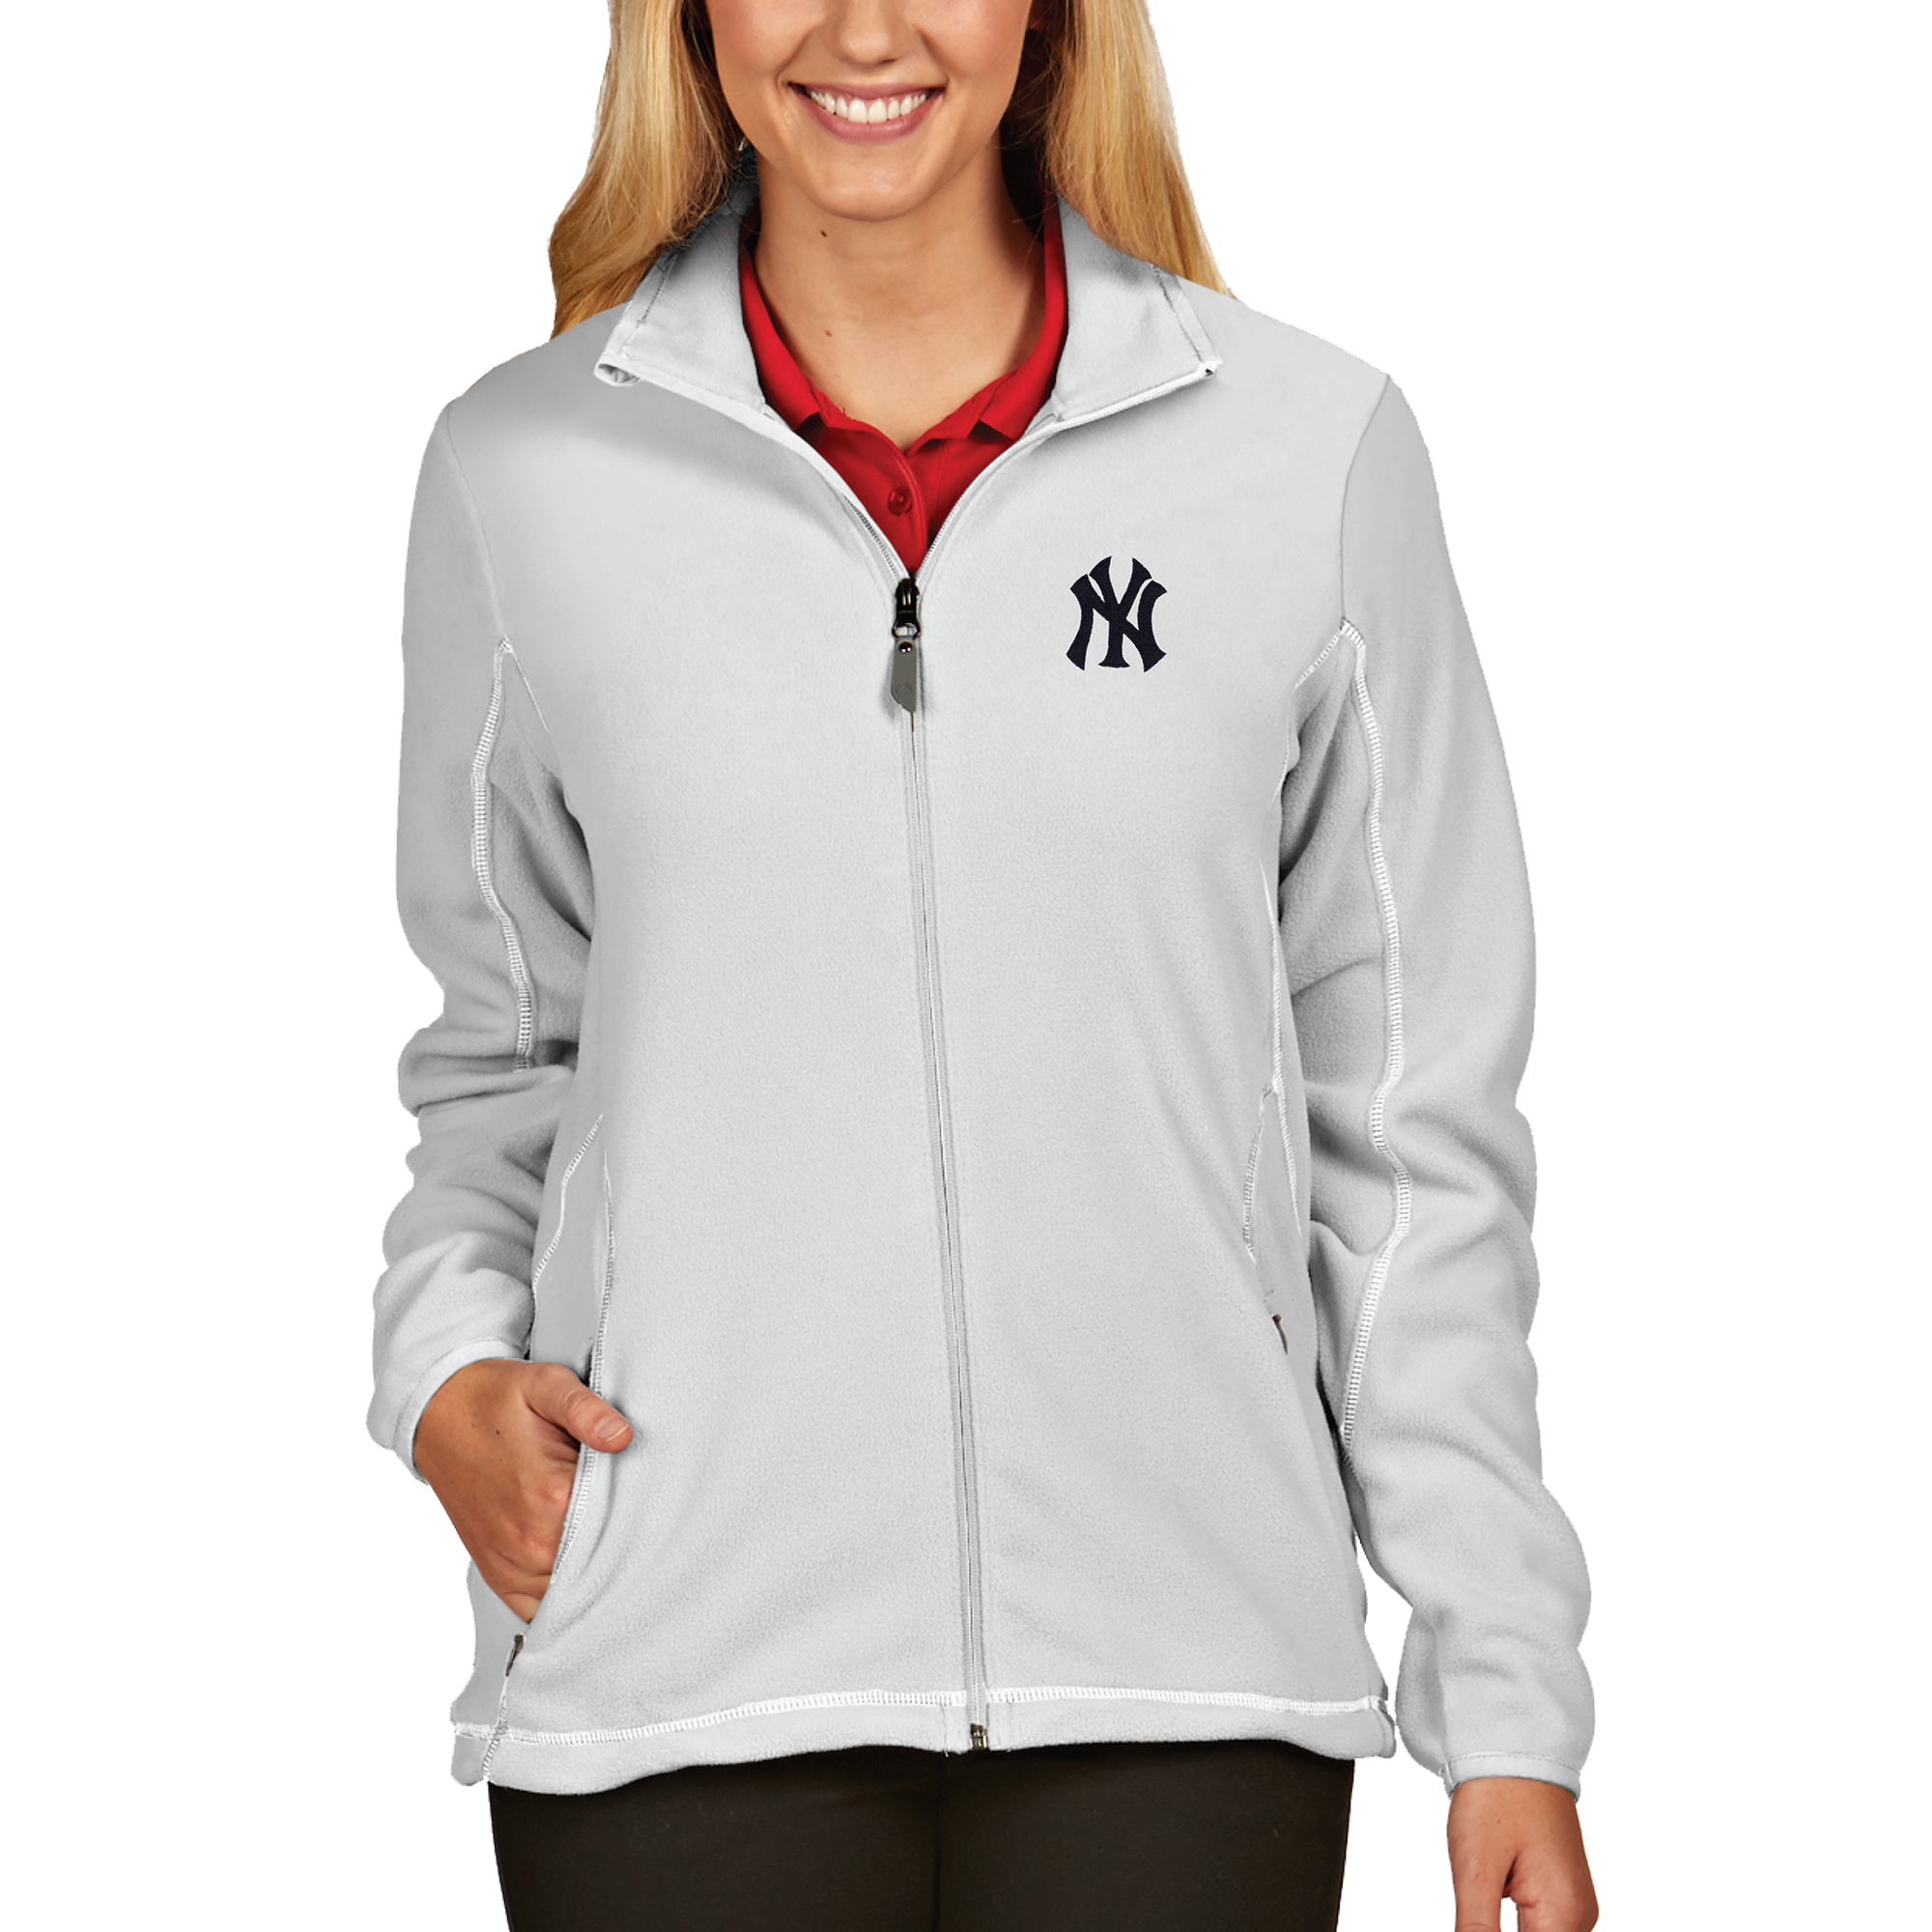 New York Yankees Antigua Women's Full Zip Ice Jacket - White